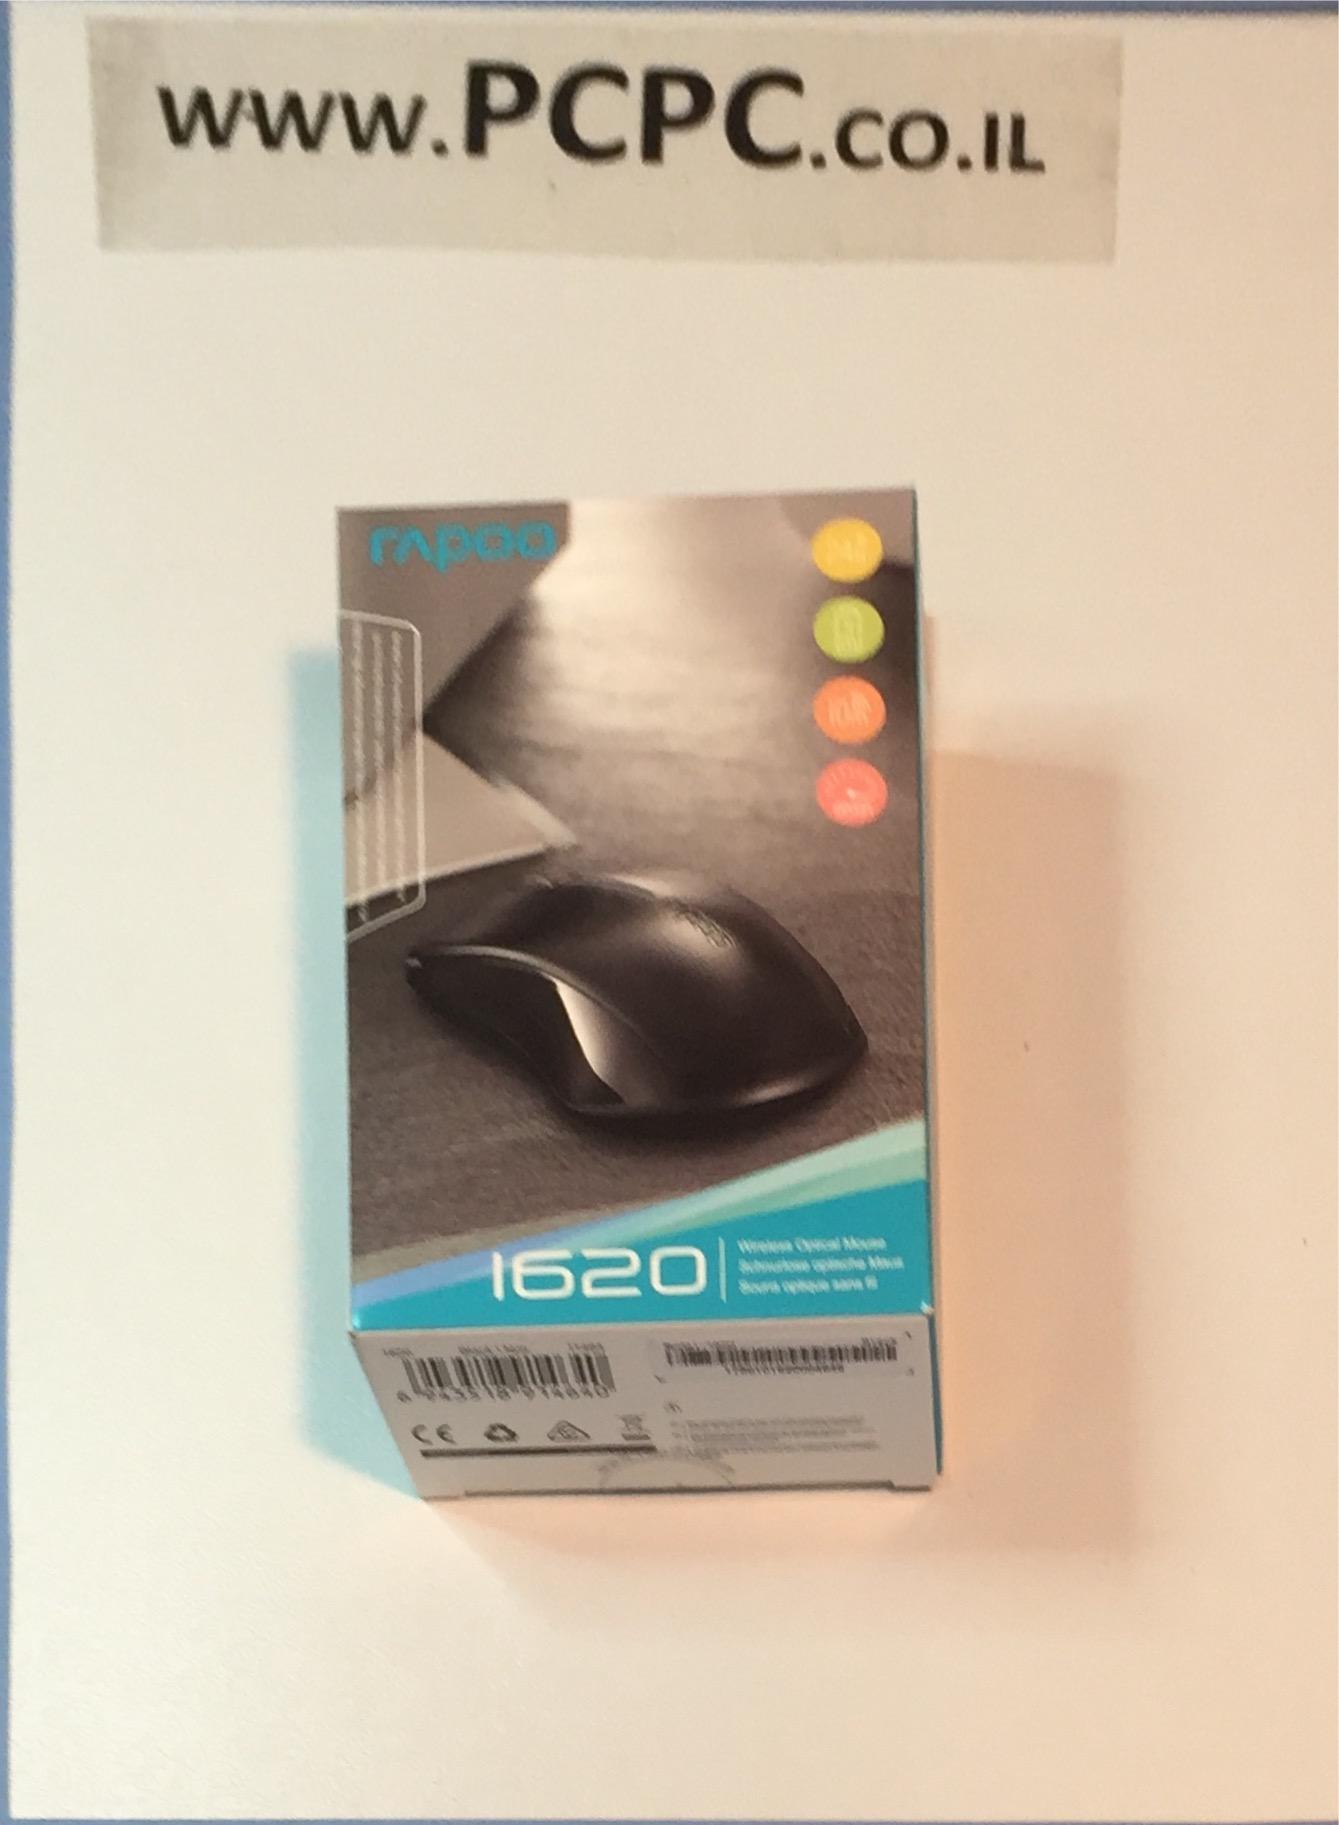 עכבר  אופטי  אלחוטי  RAPOO  1620  2.4G  שחור